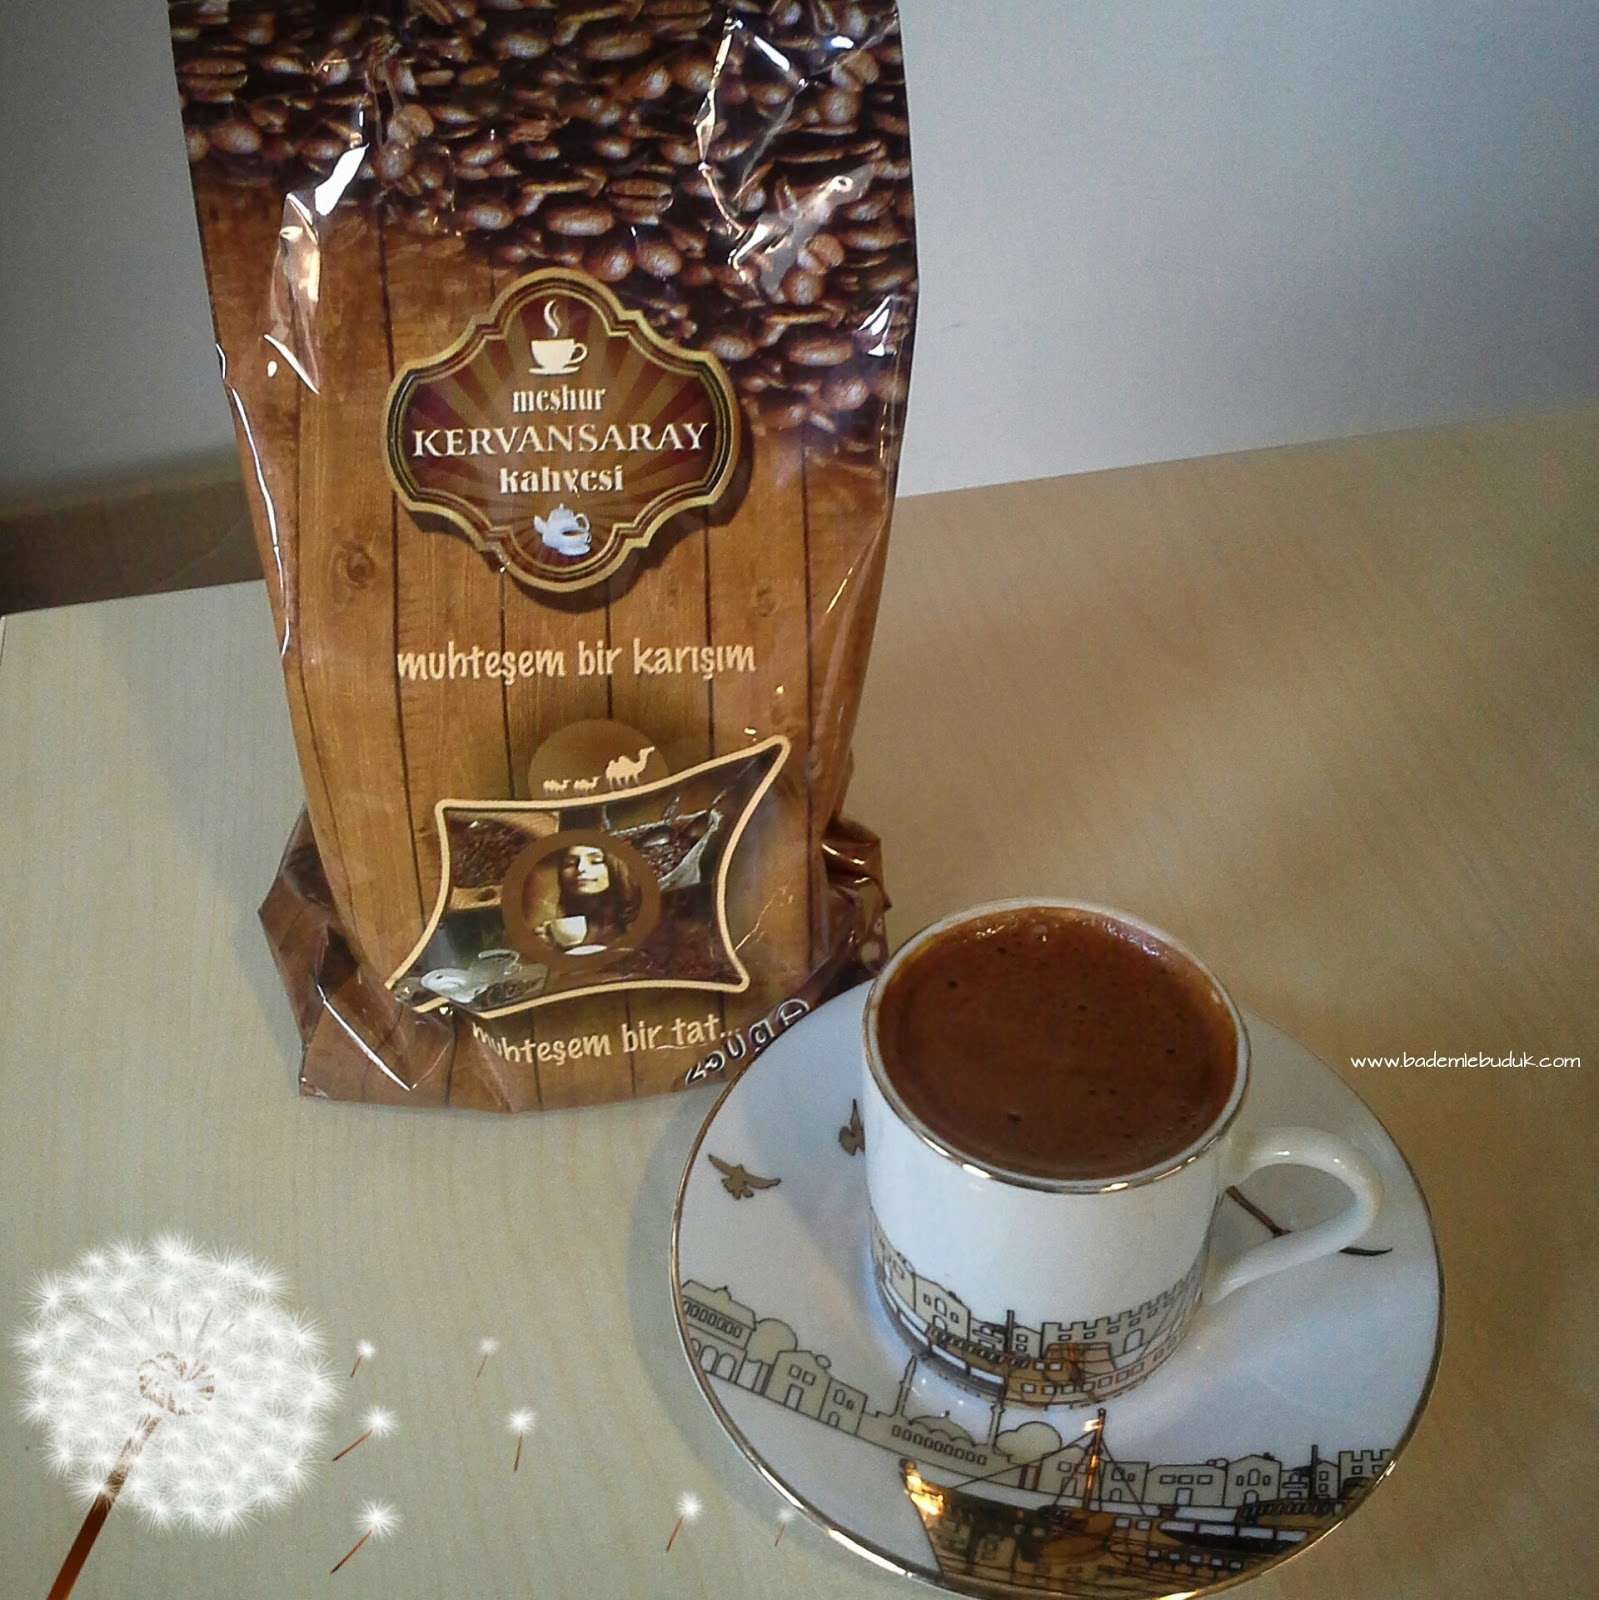 Kervansaray kahve - menengiç kahve - türk kahvesi